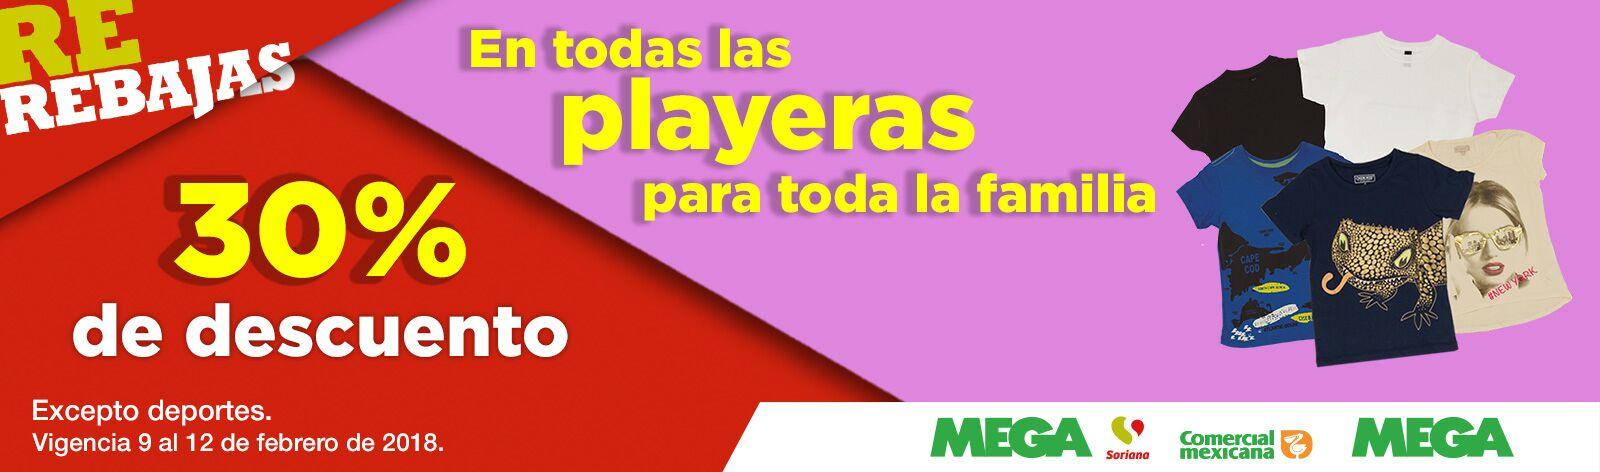 Comercial Mexicana y MEGA: 30% de descuento en todas las playeras para toda la familia y más